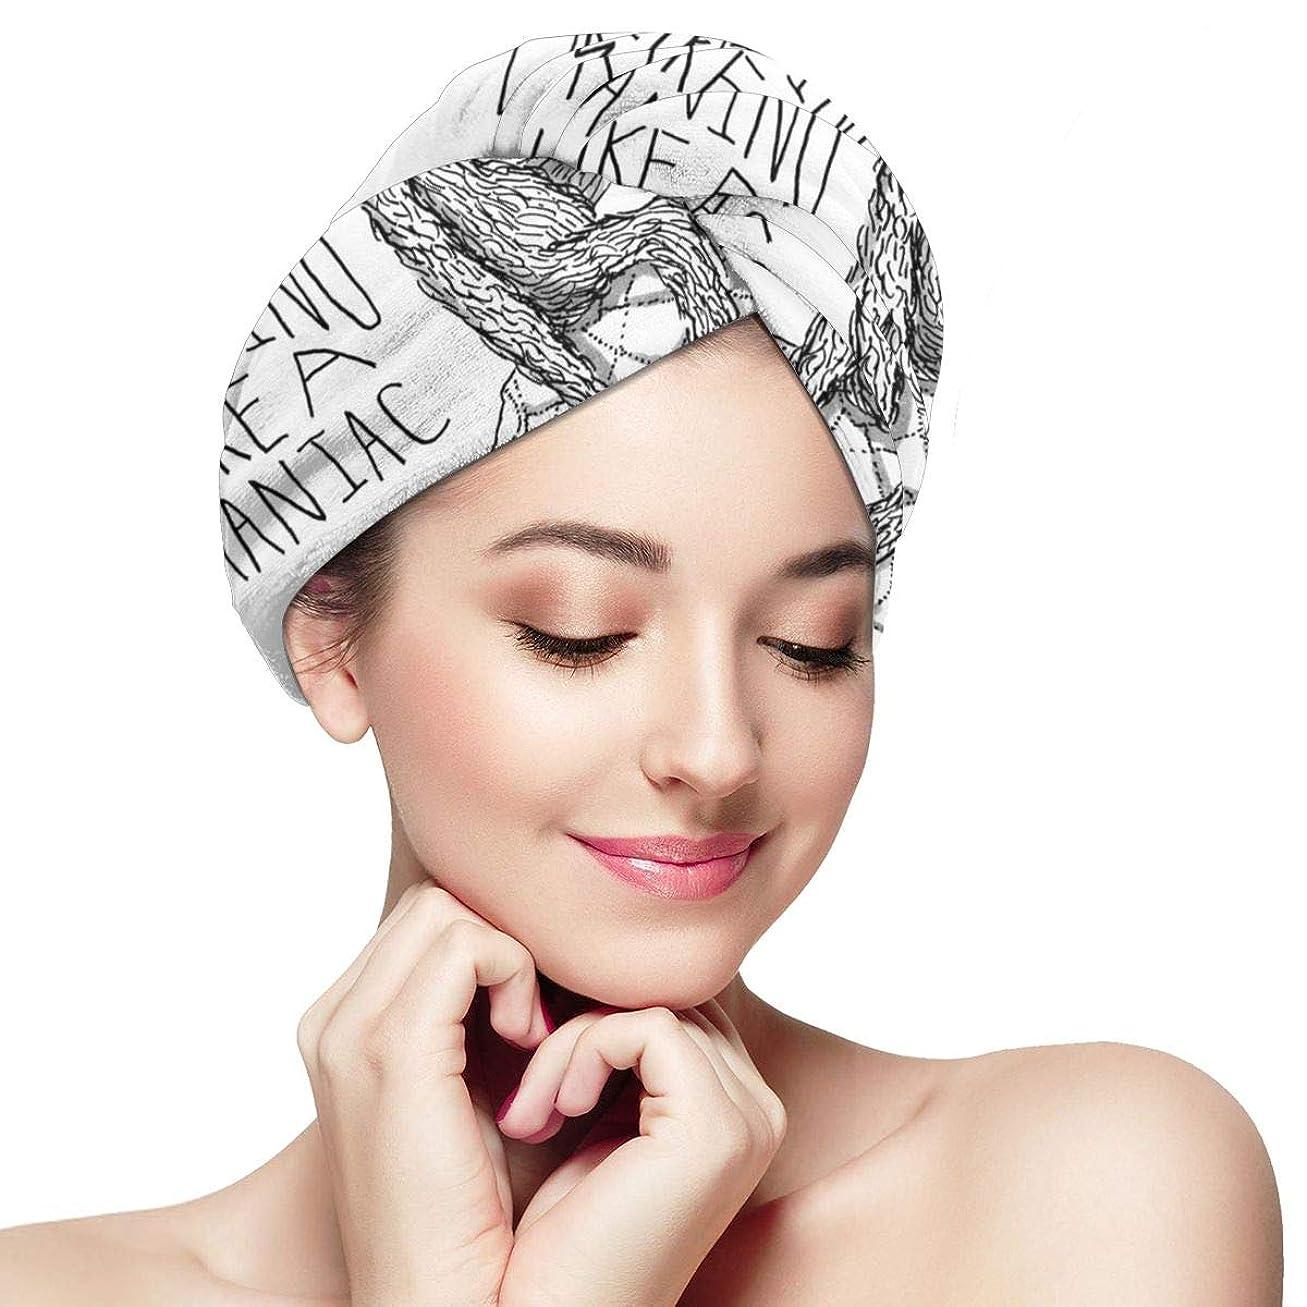 作詞家劇場自動車ゆっくりと亀のマイクロファイバーヘアタオルラップ超吸収性ツイストターバンボタン付き高速乾燥ヘアキャップバスループは、乾燥した髪の帽子を留める